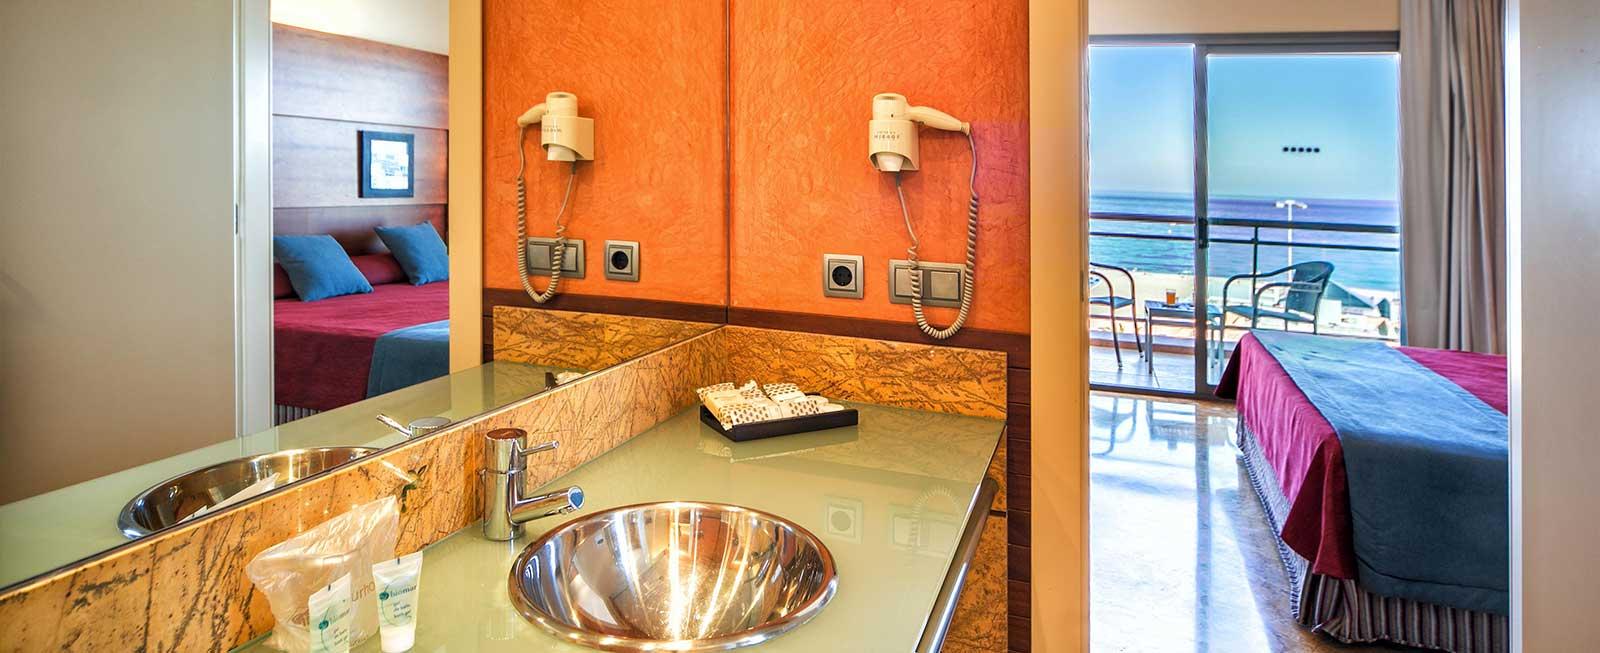 Suite Protur Roquetas Hotel & Spa